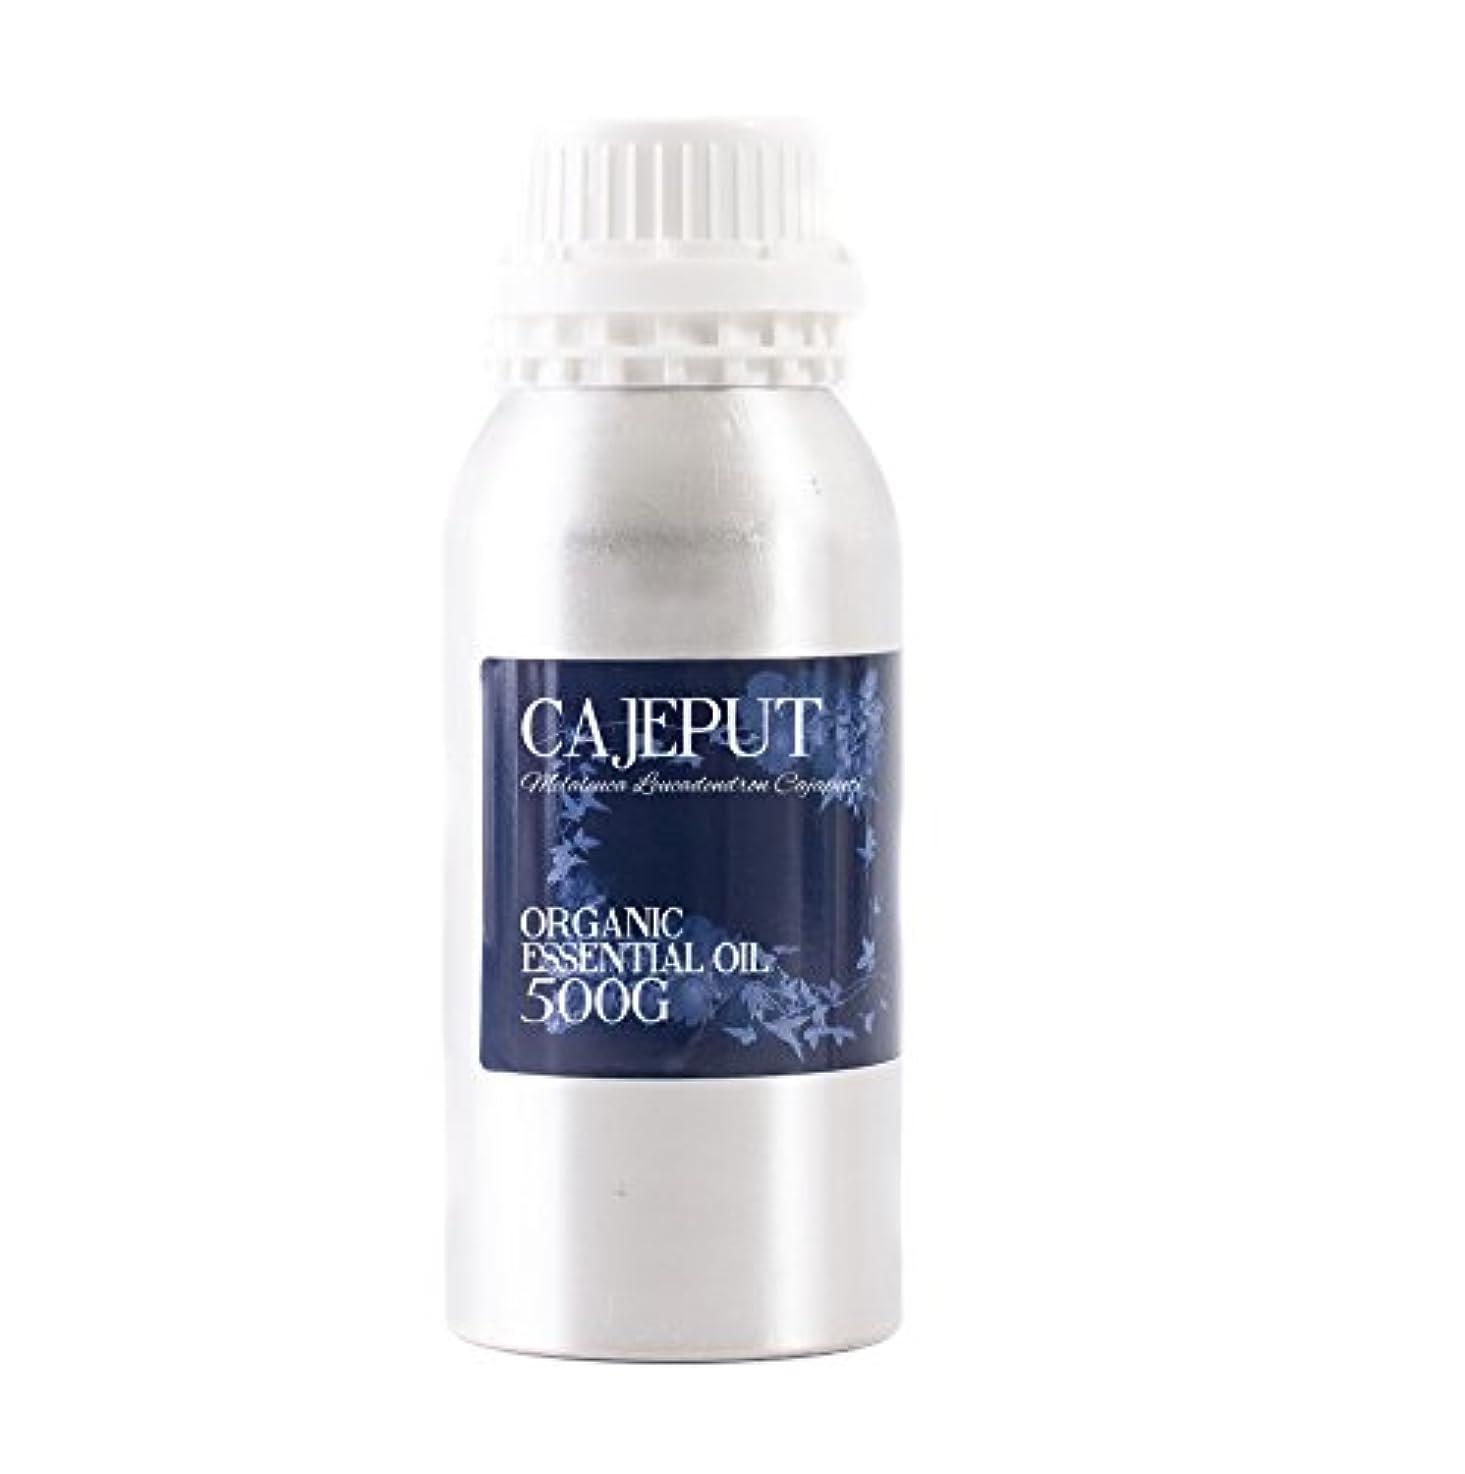 物語切り下げ考古学者Mystic Moments | Cajeput Organic Essential Oil - 500g - 100% Pure